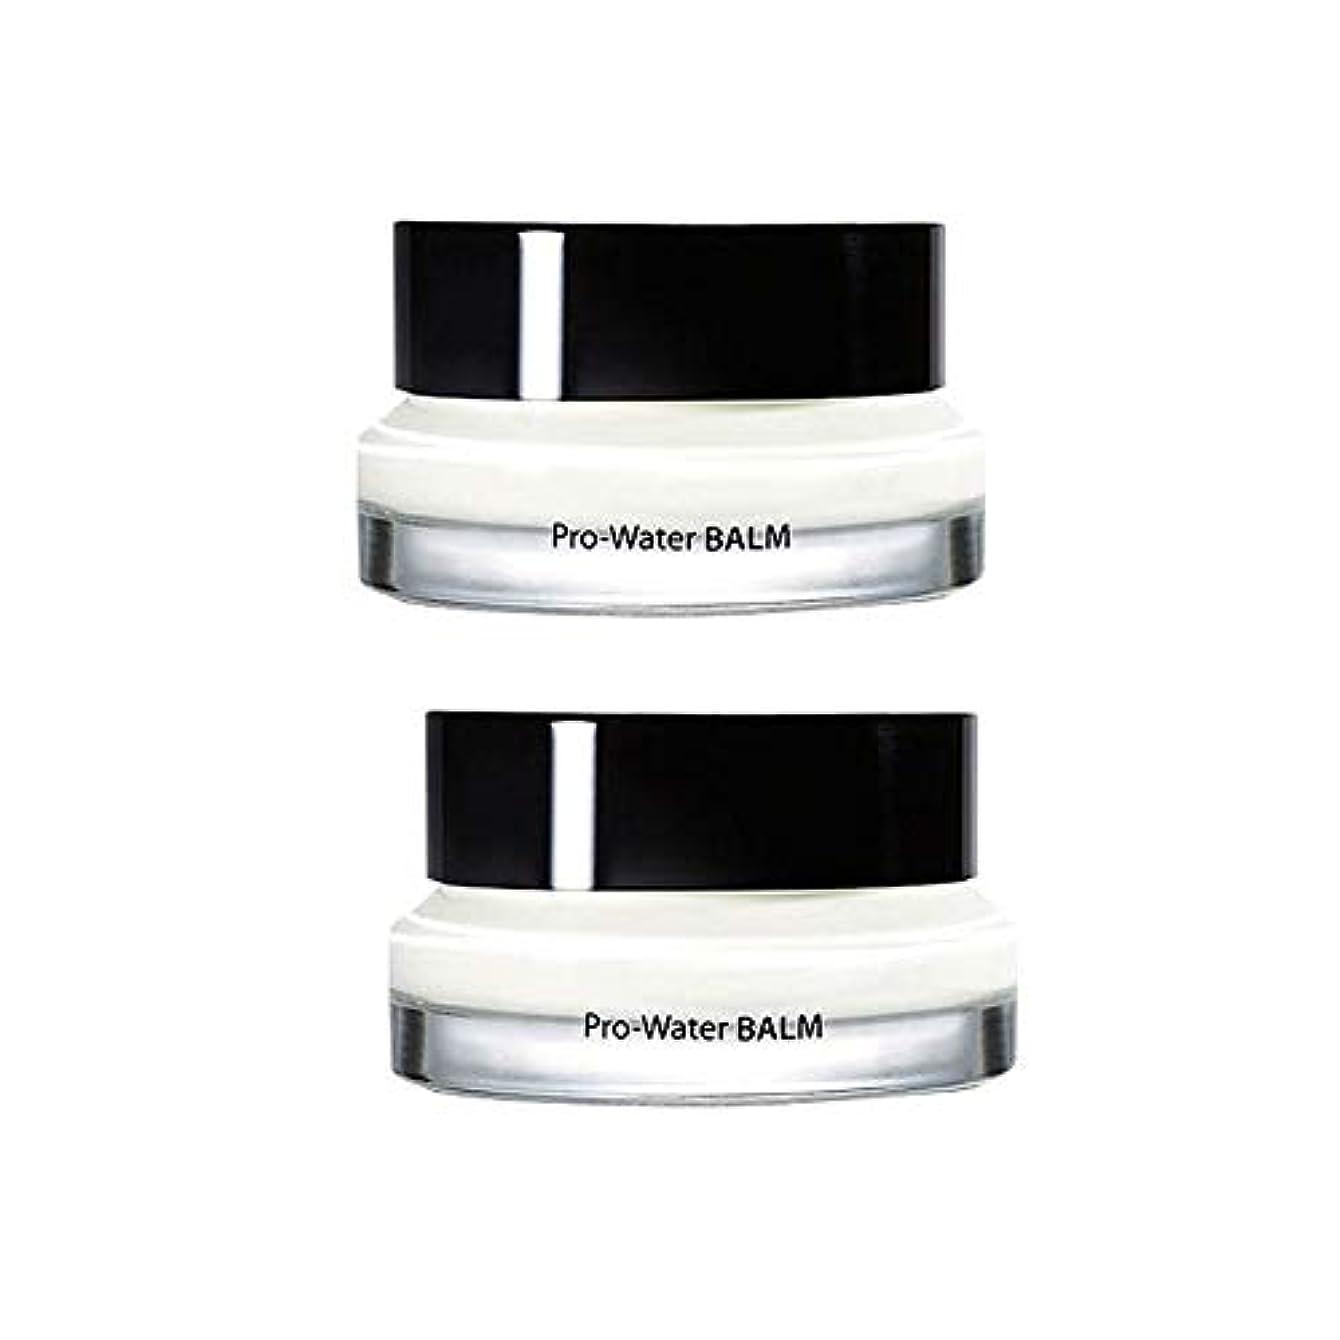 フィッティング発音お香ルナプロウォーターbalm 50mlx2本セット韓国コスメ、Luna Pro-Water Balm 50ml x 2ea Set Korean Cosmetics [並行輸入品]